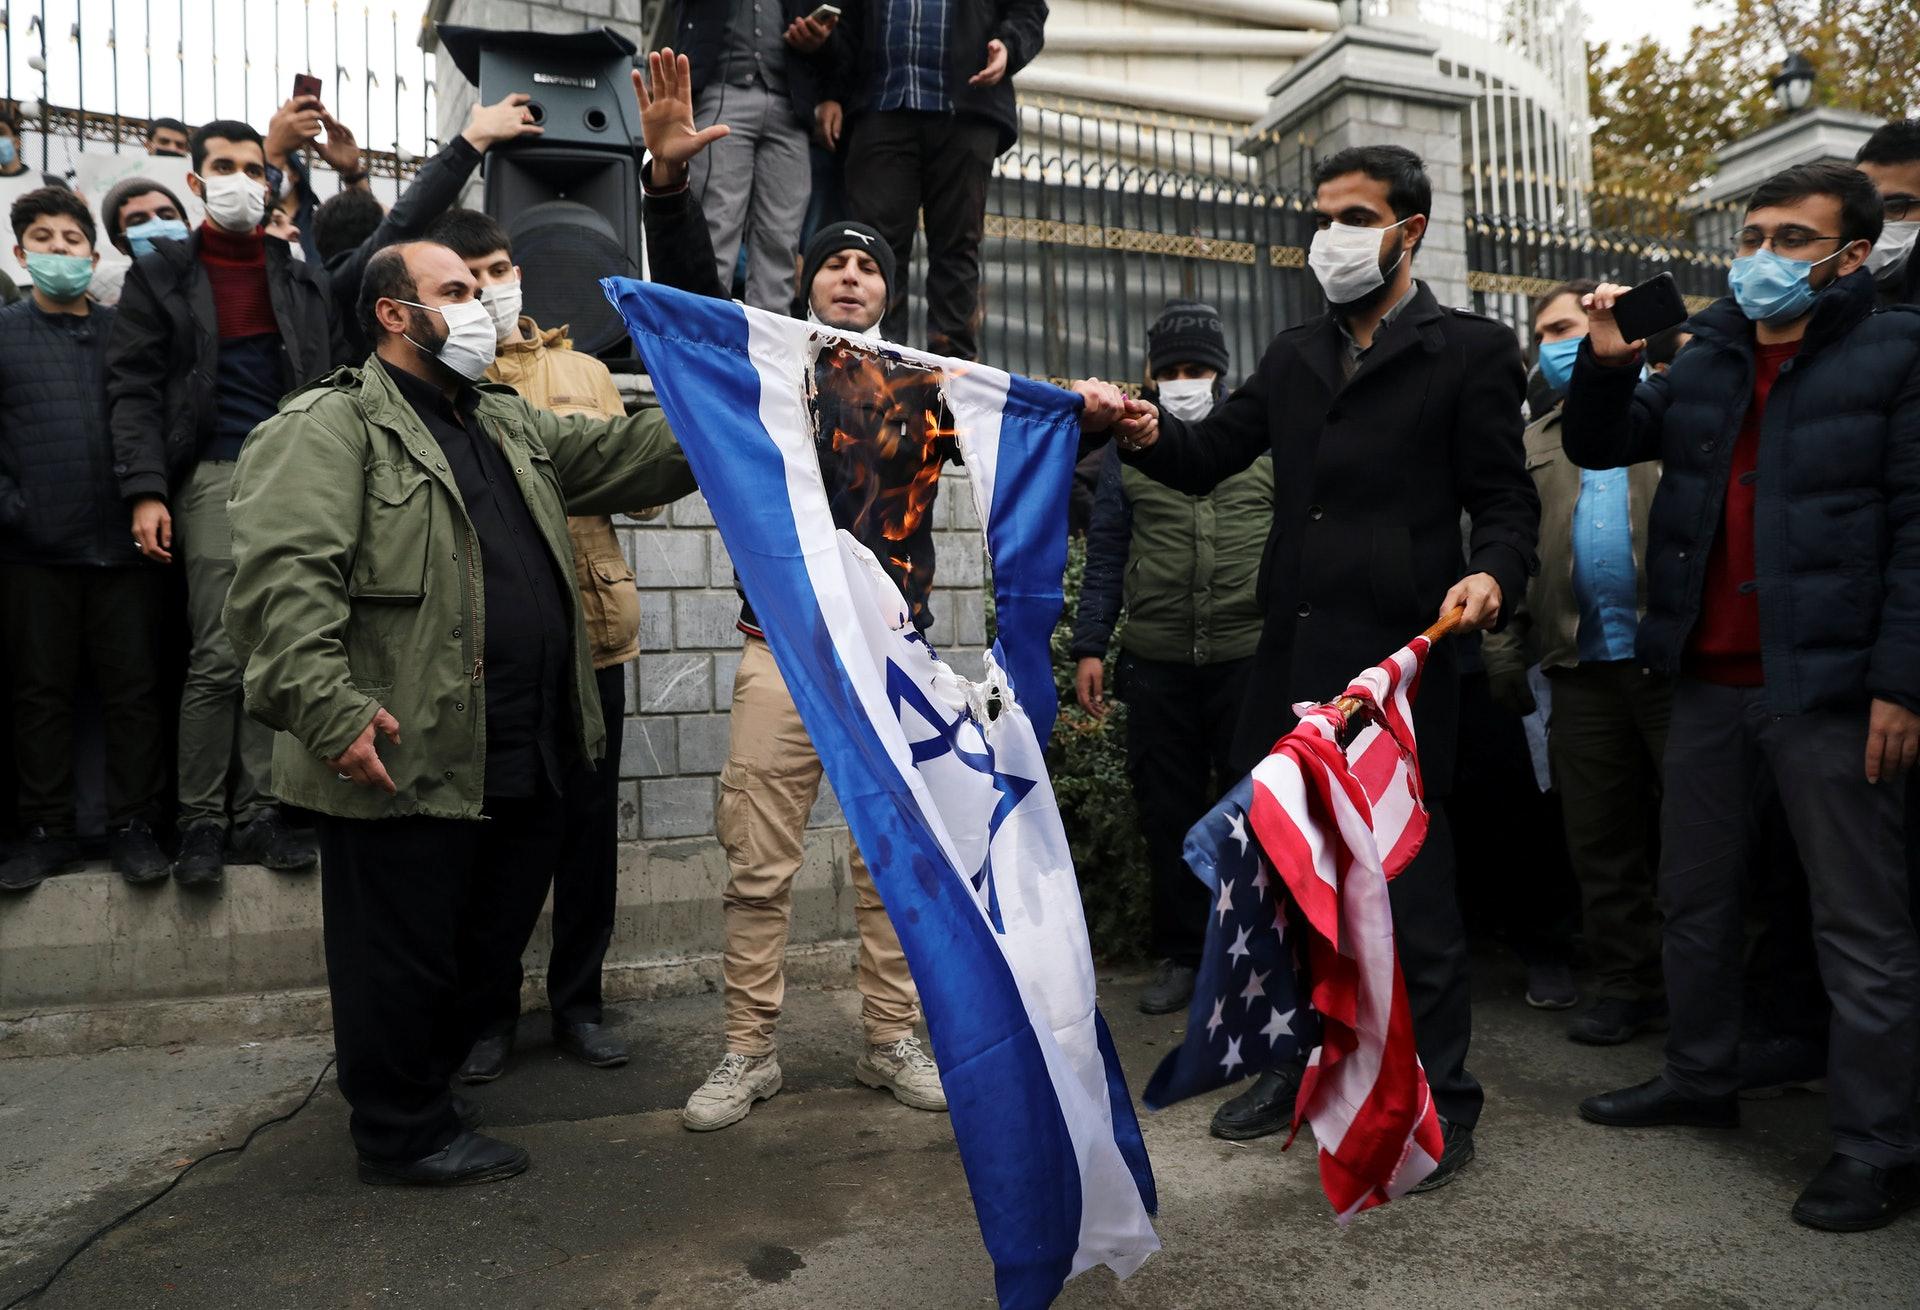 圖為11月28日,伊朗德黑蘭有民眾示威,燒毀美國及以色列國旗,抗議首席核科學家法克里扎德(Mohsen Fakhrizadeh)被殺。(Reuters)